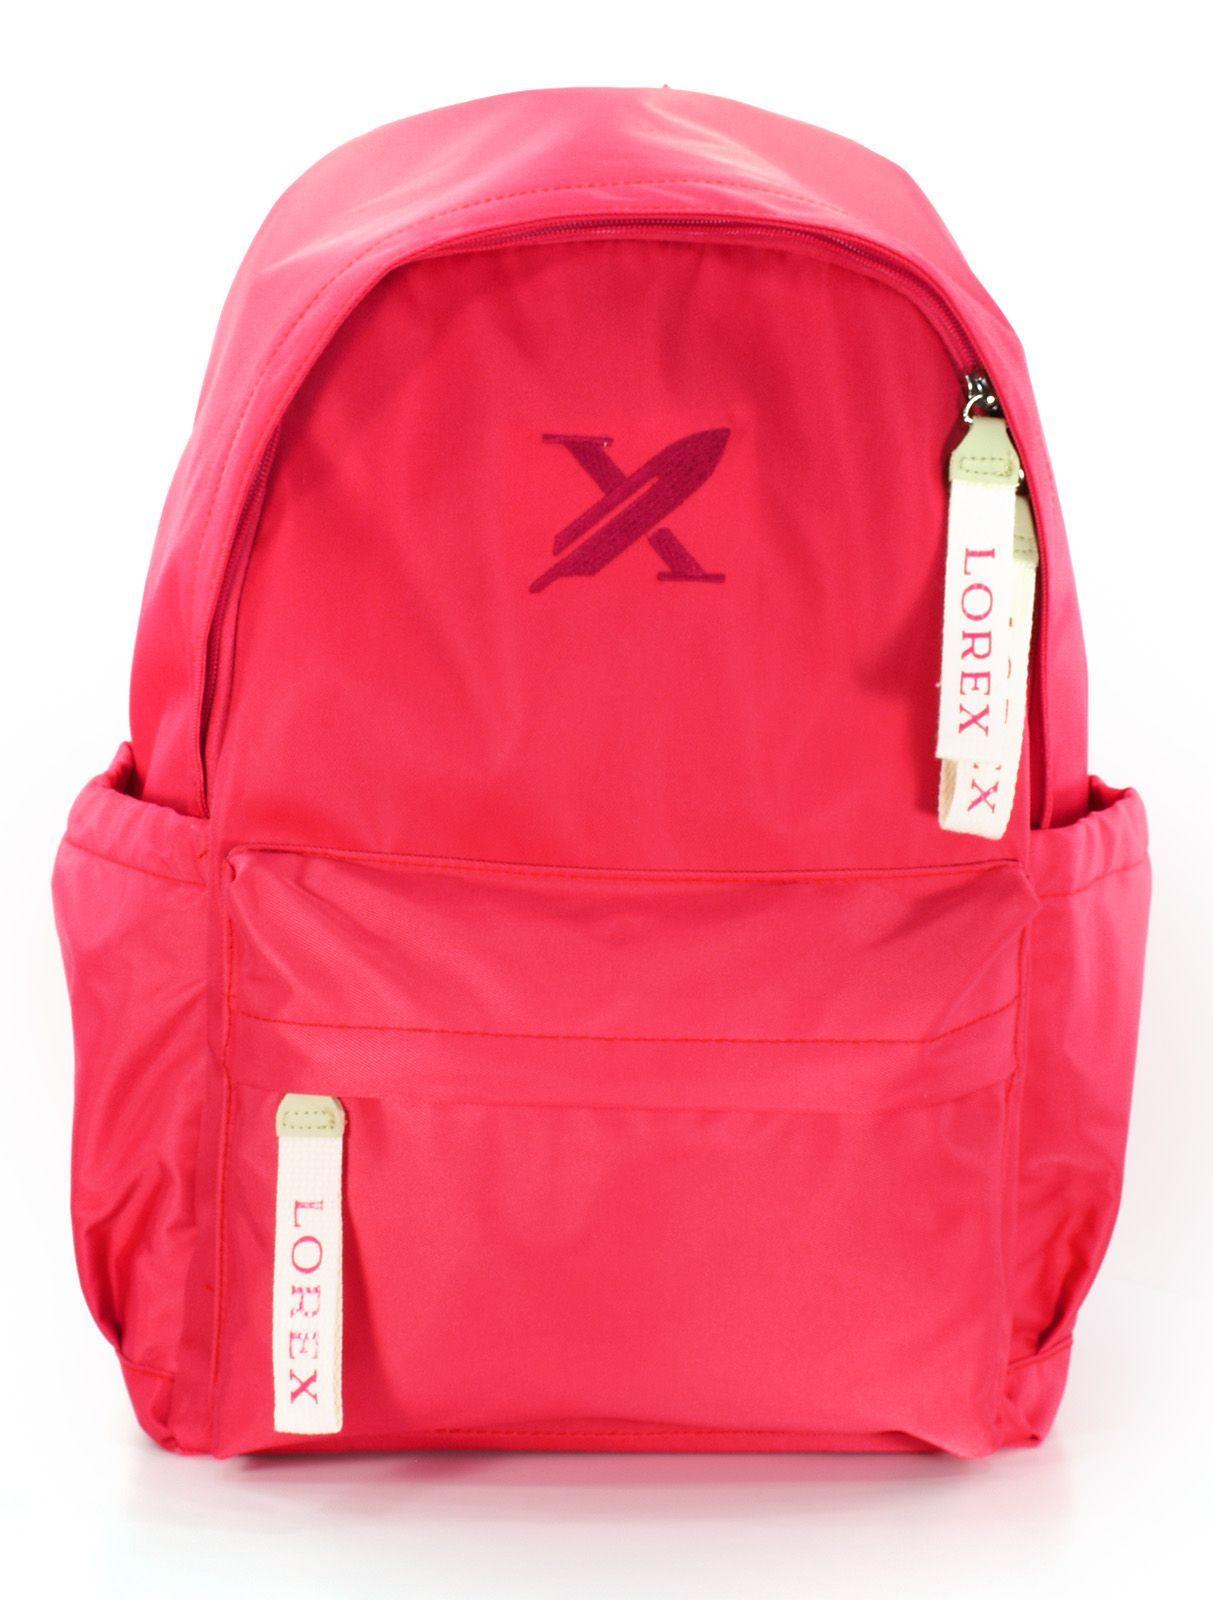 Рюкзак LOREX BRIGHT BERRY, модель ERGONOMIC M7, мягкий, односекционный, 45x30x15 см, 20 л, розовый, женский